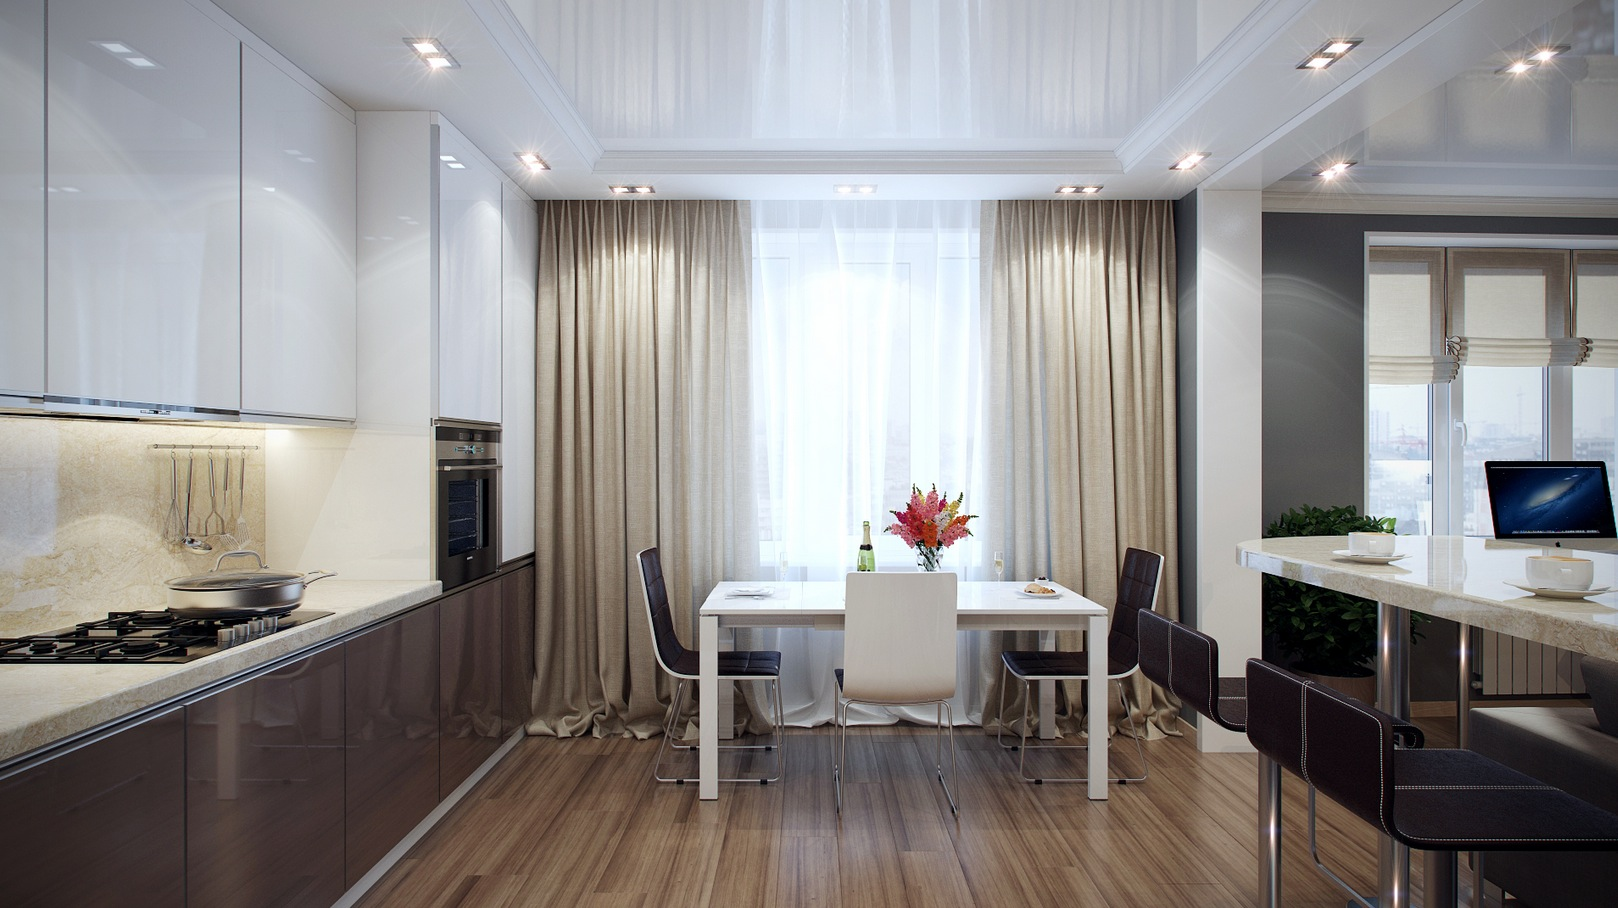 tendaggi per interni idee e consigli per scegliere le On casa moderna tende